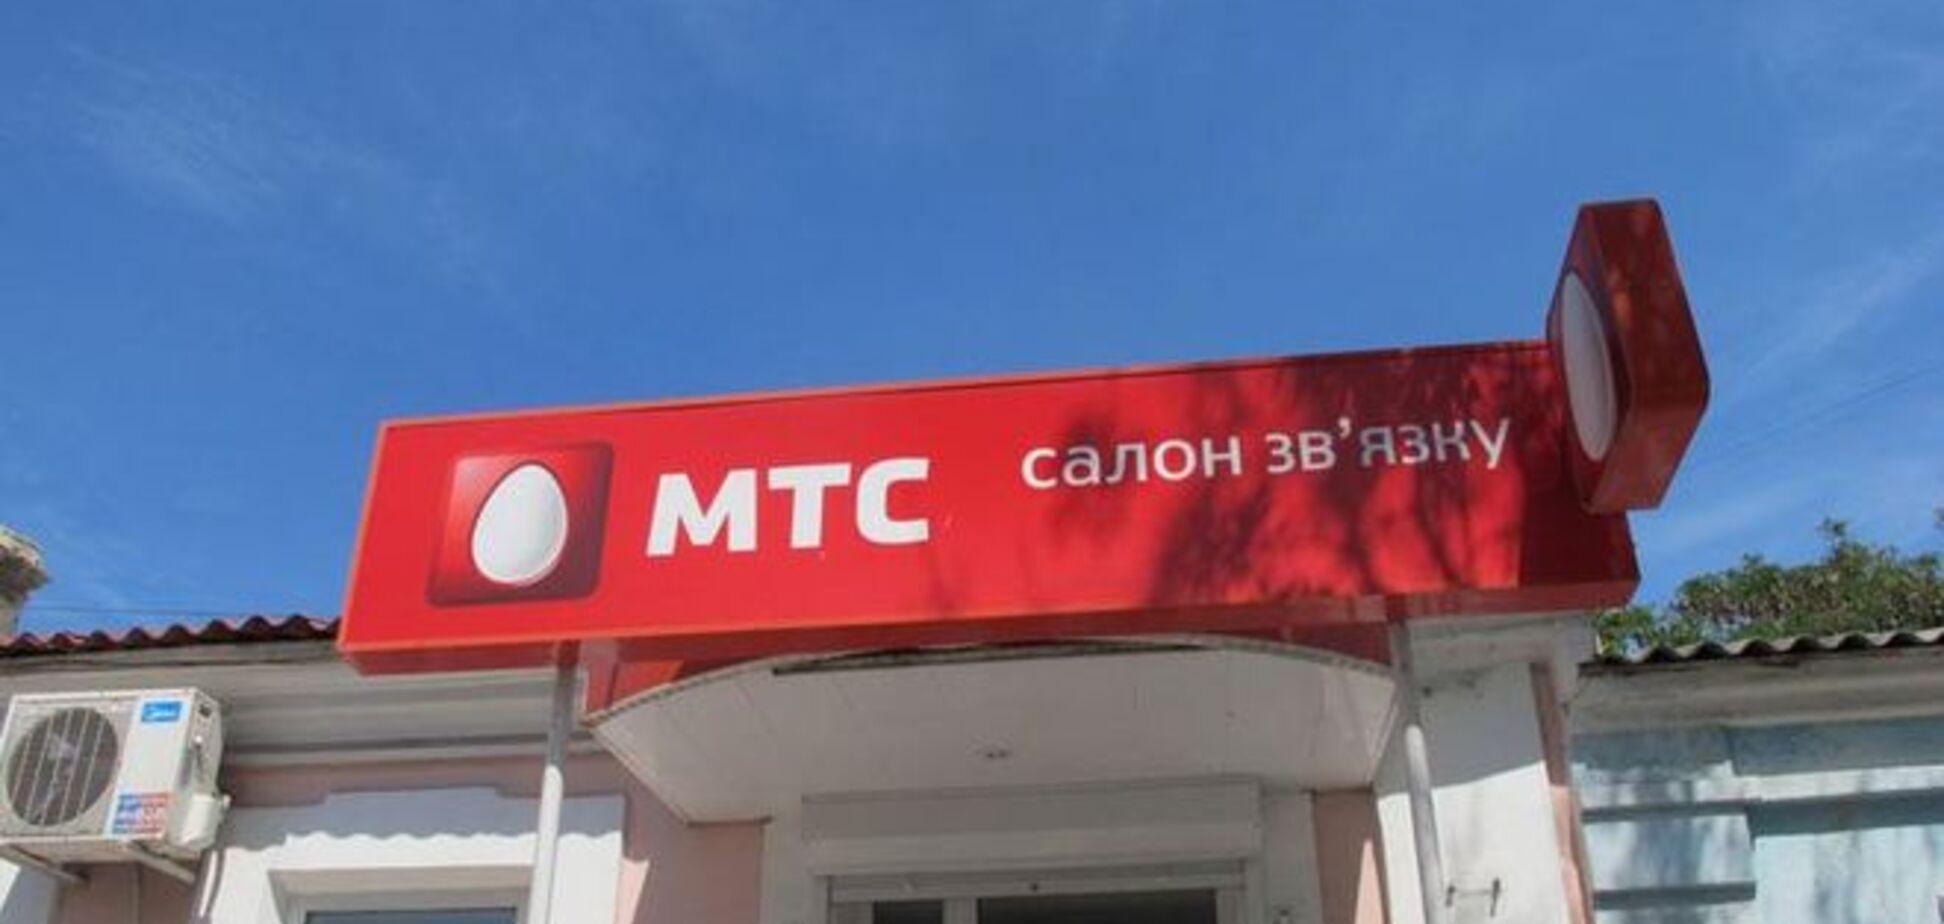 Фокус із ребрендингом: 'МТС' вирішив схитрувати, щоб залишитися працювати в Україні - ЗМІ